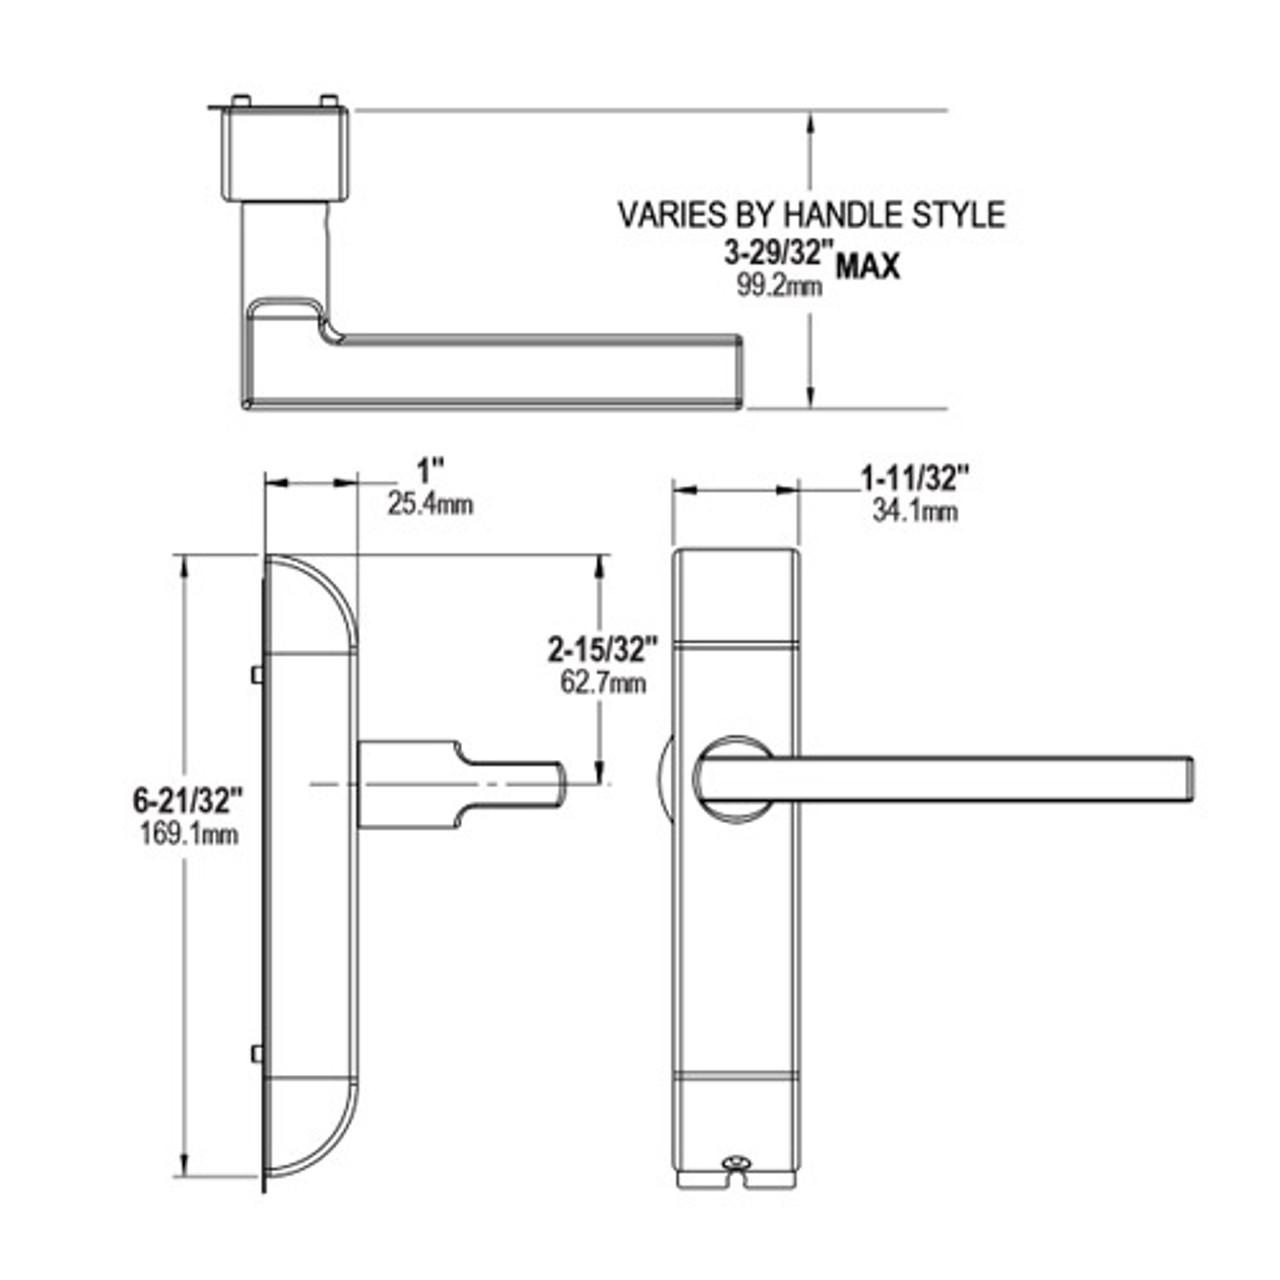 4600M-MN-612-US10B Adams Rite MN Designer handle Dimensional View